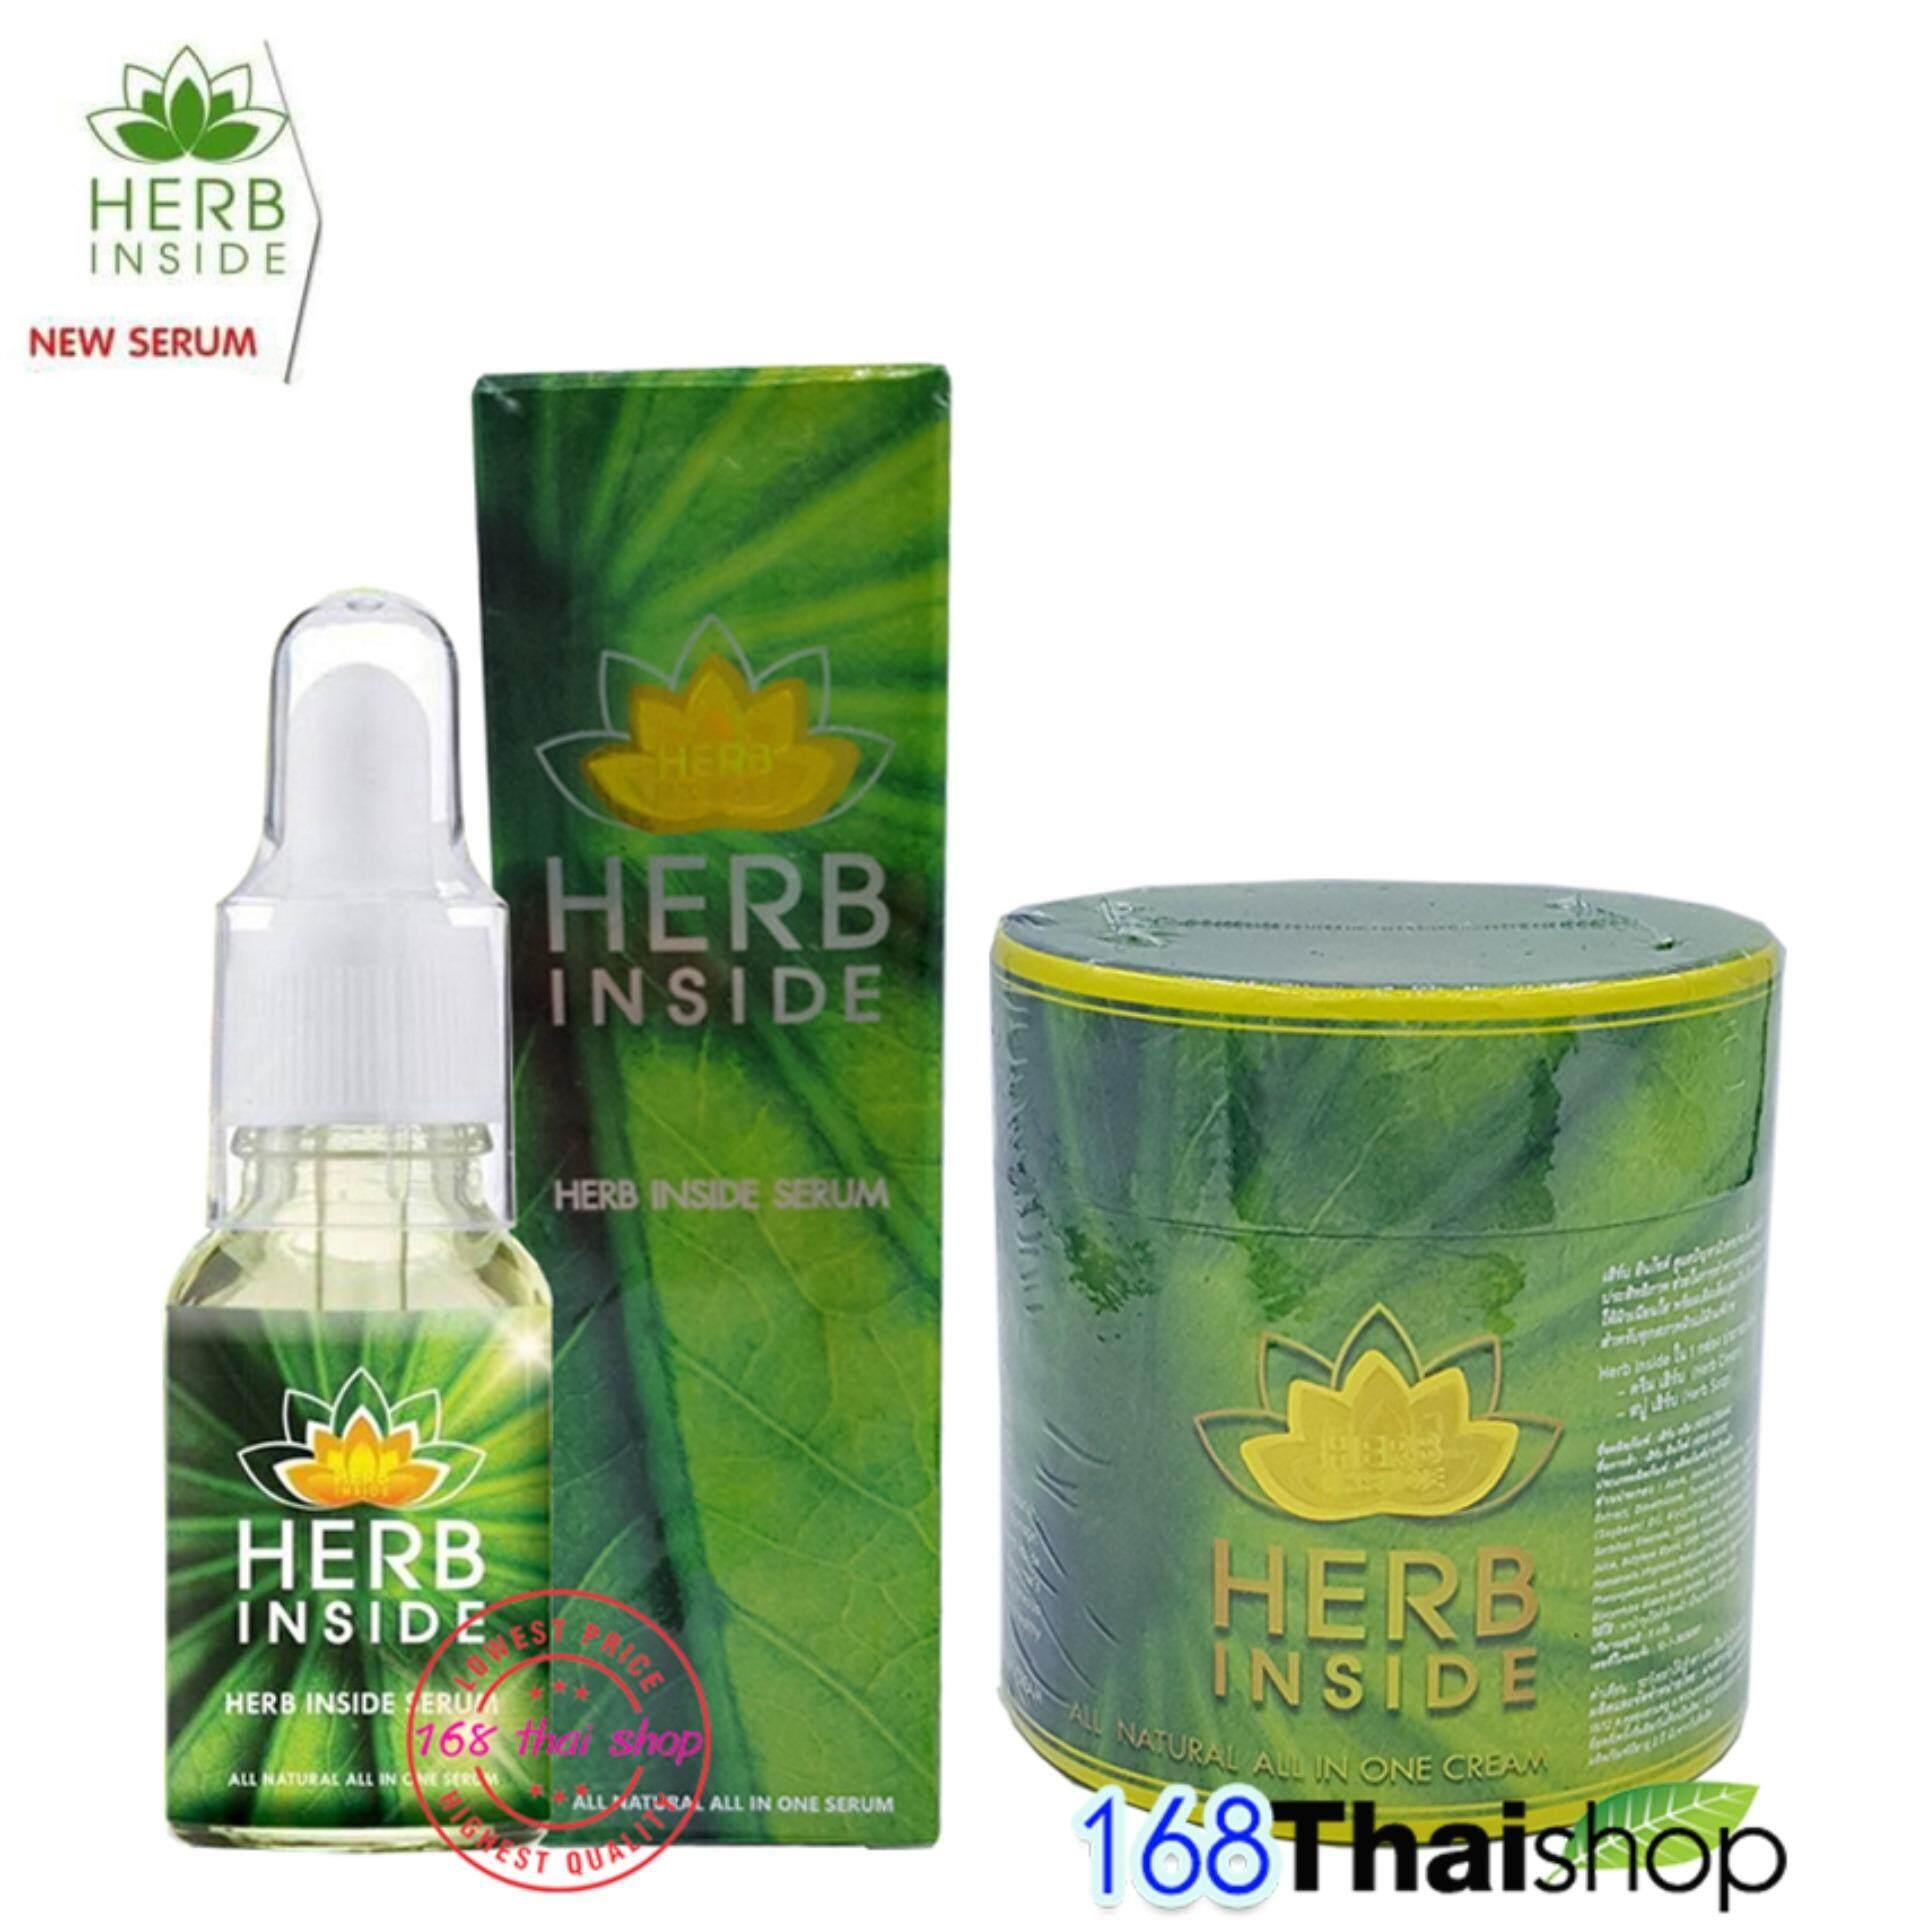 ขาย ซื้อ Herb Inside Serum เซรั่มบำรุงผิวหน้า บรรจุ 15 Ml Herb Insideครีมสมุนไพรเฮิร์บอินไซด์ ครีมหน้าใส รักษาฝ้า สบู่ และ ครีม ขนาดทดลองX 1ชุด